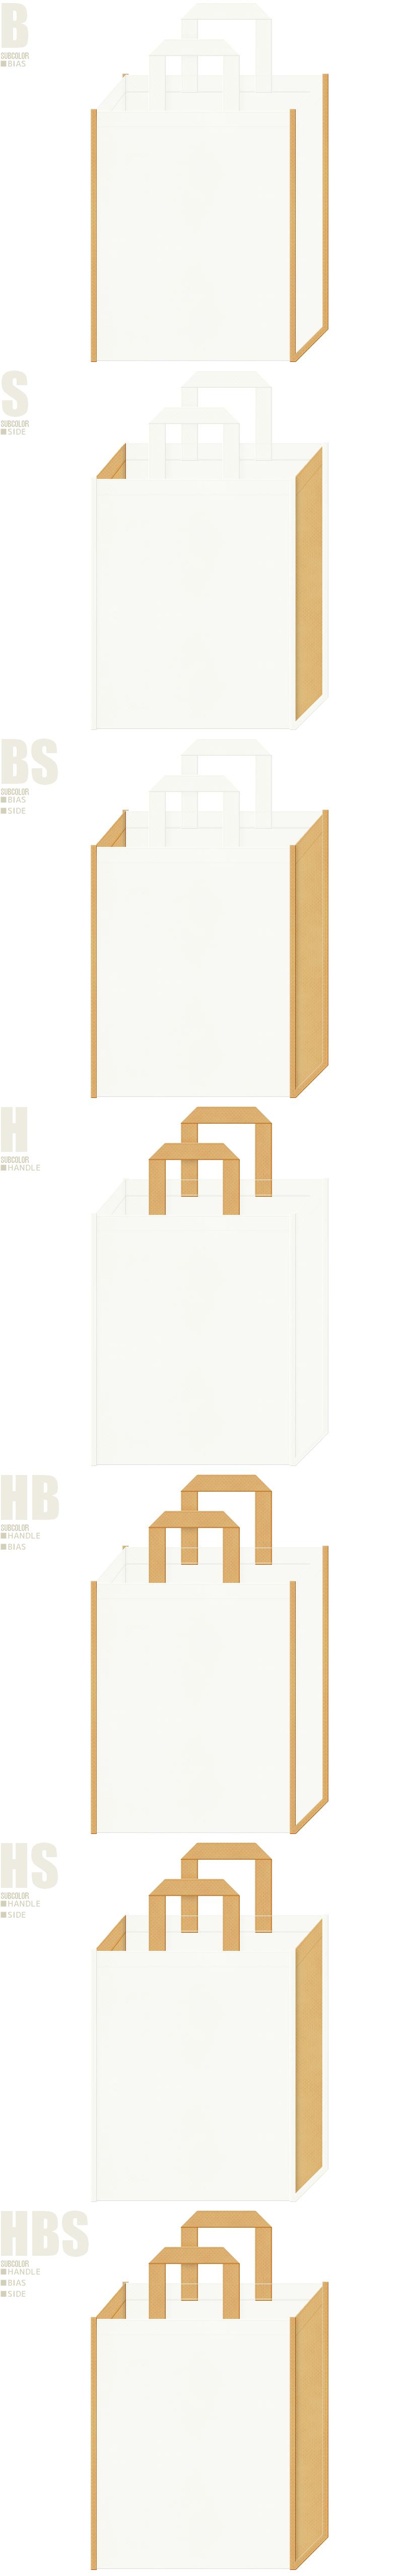 ニット・セーター・毛糸・手芸・乳製品・牧場・生クリーム・ロールケーキ・スイーツ・食パン・ベーカリー・ピーナツバター・木材・木工・檜・DIYイベント・食の見本市・パステルカラー・住宅の展示会用バッグにお奨めの不織布バッグデザイン:オフホワイト色と薄黄土色の不織布バッグ配色7パターン